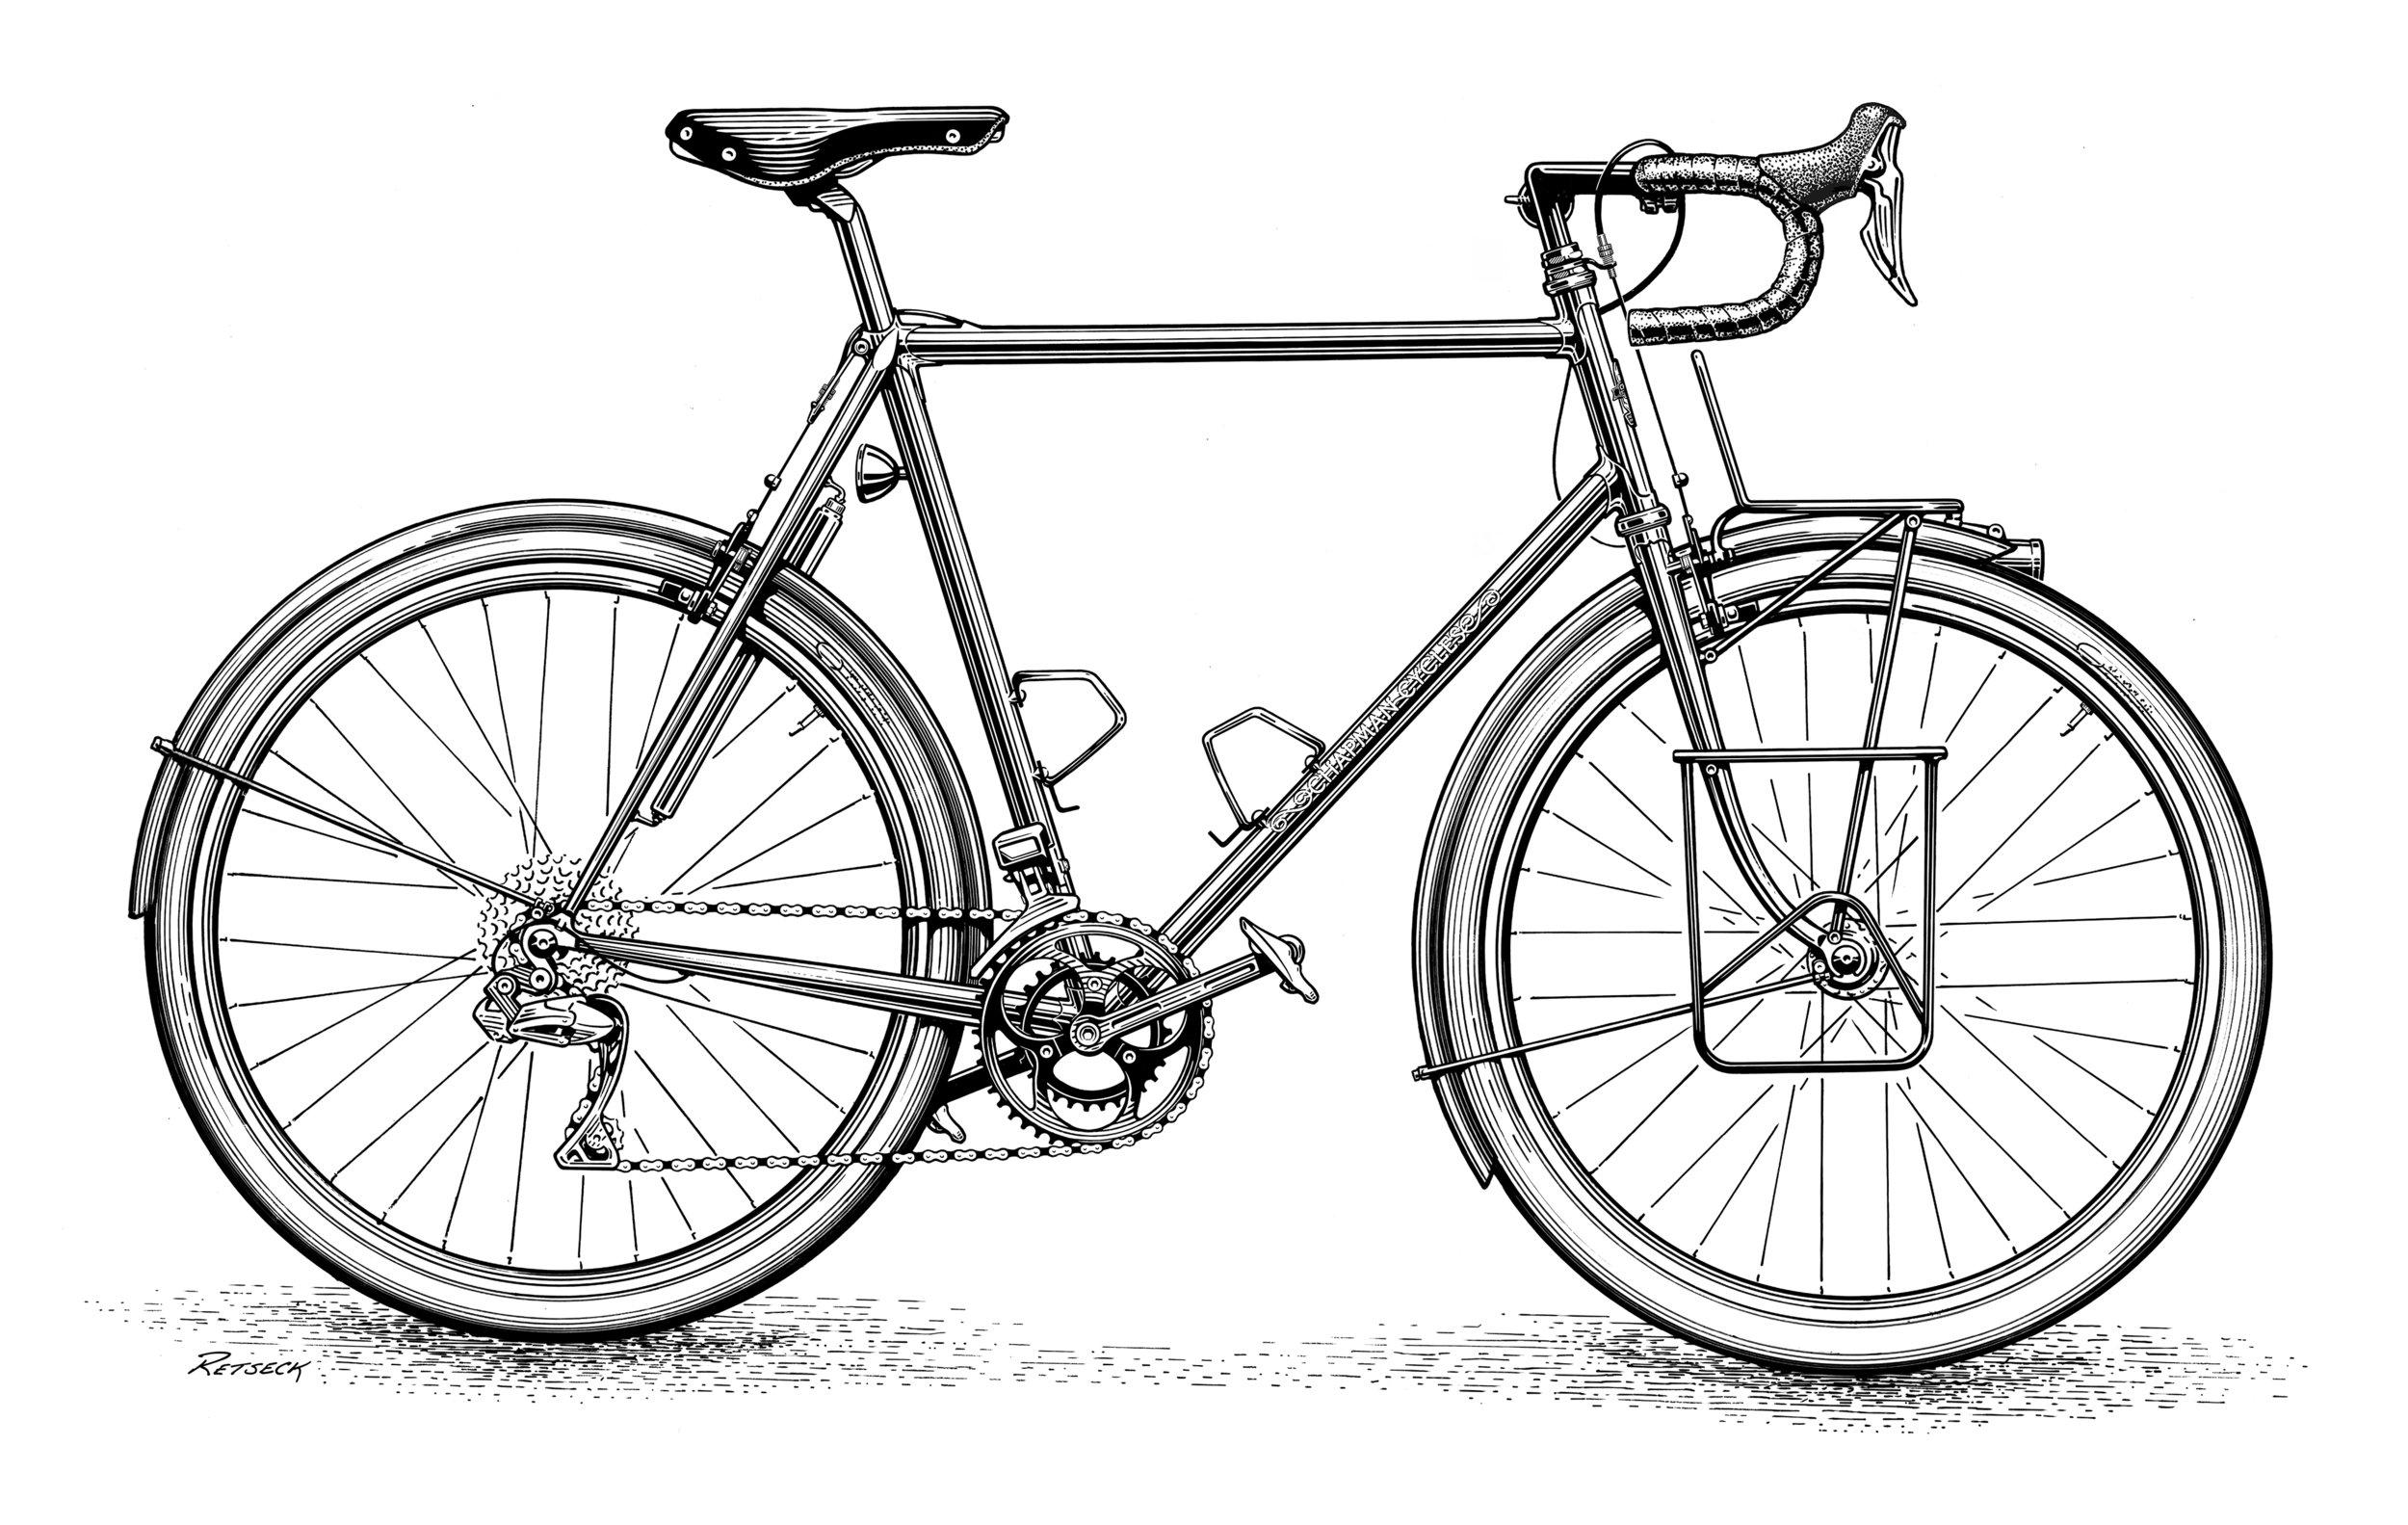 Chapman Cycles - Di2 Randonneur